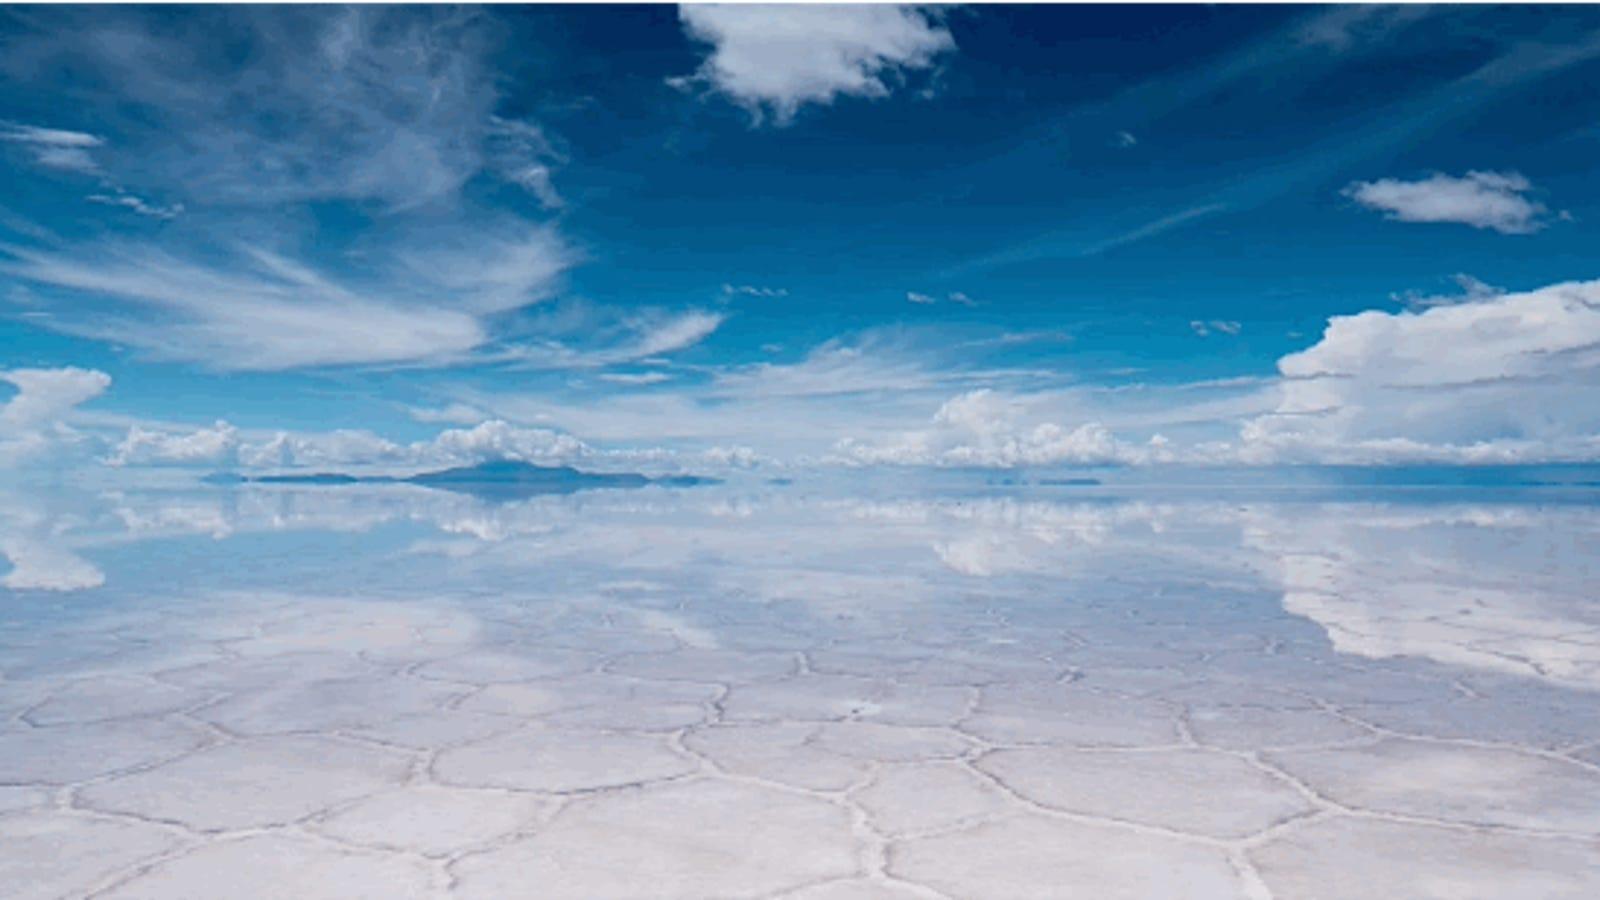 La imposible belleza de Uyuni, la mayor reserva de litio del planeta